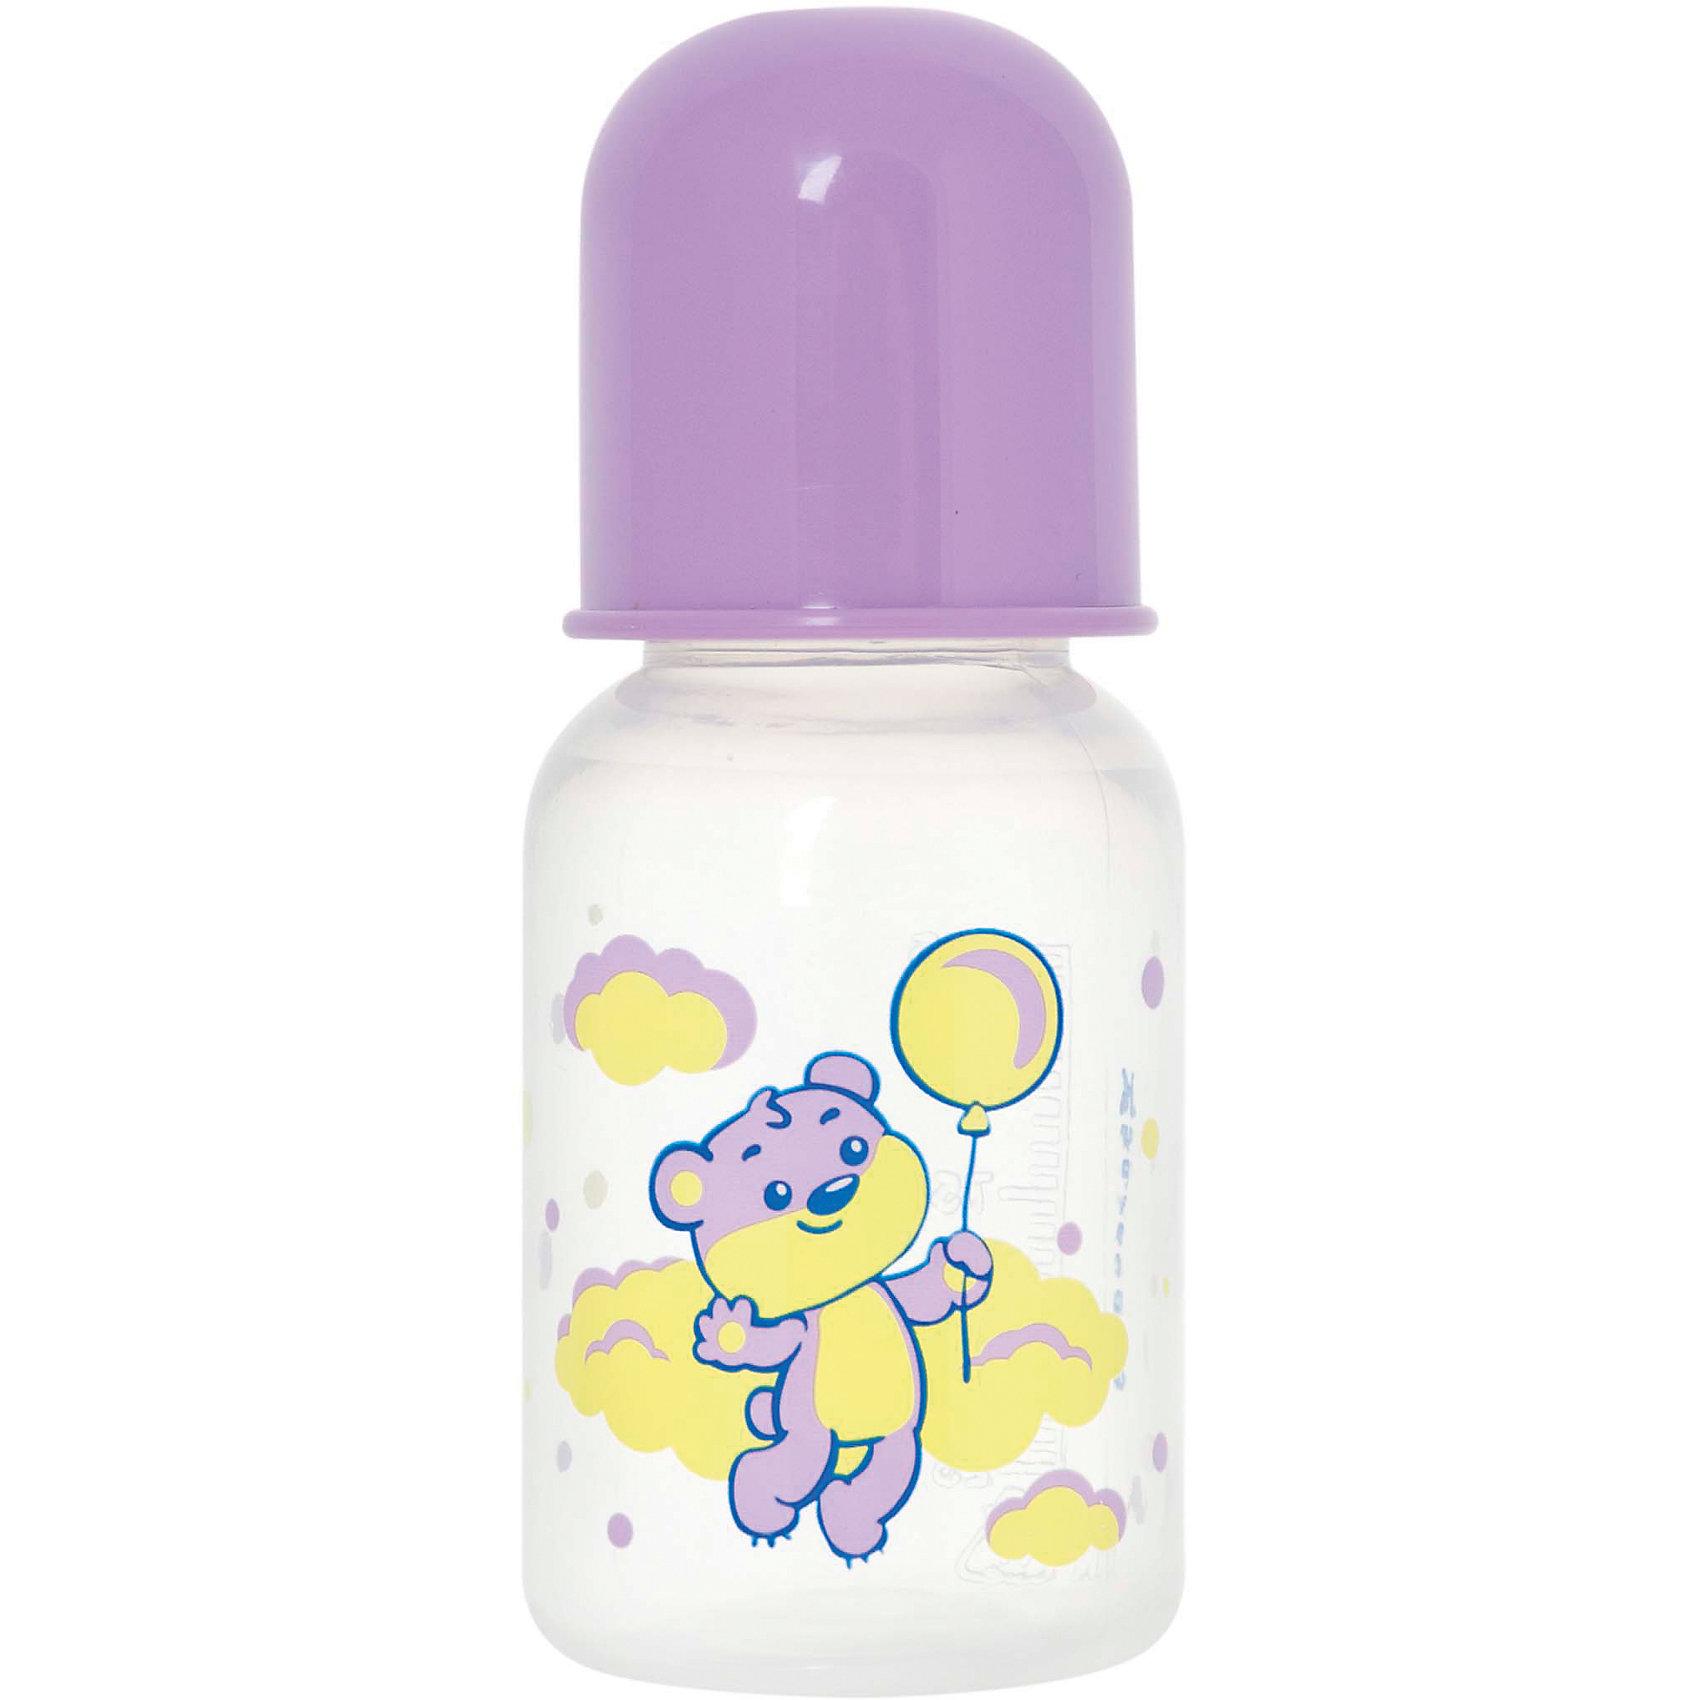 Бутылочка с латексной соской Мои любимые животные, 125 мл, Kurnosiki, фиолетовыйБутылочки и аксессуары<br>Характеристики:<br><br>• Наименование: бутылка для кормления<br>• Рекомендуемый возраст: от 0 месяцев<br>• Пол: для девочки<br>• Объем: 125 мл<br>• Материал: латекс, пластик<br>• Цвет: фиолетовый<br>• Серия: Мои любимые животные<br>• Форма соски: классическая<br>• Поток у соски: медленный<br>• Комплектация: бутылочка, соска, колпачок<br>• Эргономичная форма бутылки<br>• Узкое горлышко<br>• Вес: 80 г<br>• Можно использовать в СВЧ и посудомоечной машине<br>• Особенности ухода: регулярная стерилизация и своевременная замена соски<br><br>Бутылочка с латексной соской Мои любимые животные, 125 мл, Kurnosiki, желтый выполнена из прочного и жароустойчивого пластика, на котором не появляются царапины и сколы. У бутылочки узкое горлышко. Форма – эргономическая, ее удобно держать в руках малышу. Латексная соска классической формы длительное время сохраняет свои свойства: не рассасывается и не меняет форму. <br><br>Изделие выполнено в брендовом дизайне: на бутылочку нанесено изображение одного из героев серии – тигренка. Рисунок устойчив к выцветанию и истиранию. Бутылочка с латексной соской Мои любимые животные, 125 мл, Kurnosiki, желтый – это практичный и стильный предмет для кормления малыша!<br><br>Бутылочку с латексной соской Мои любимые животные, 125 мл, Kurnosiki, желтый можно купить в нашем интернет-магазине.<br><br>Ширина мм: 60<br>Глубина мм: 80<br>Высота мм: 170<br>Вес г: 69<br>Возраст от месяцев: 0<br>Возраст до месяцев: 18<br>Пол: Женский<br>Возраст: Детский<br>SKU: 5428773